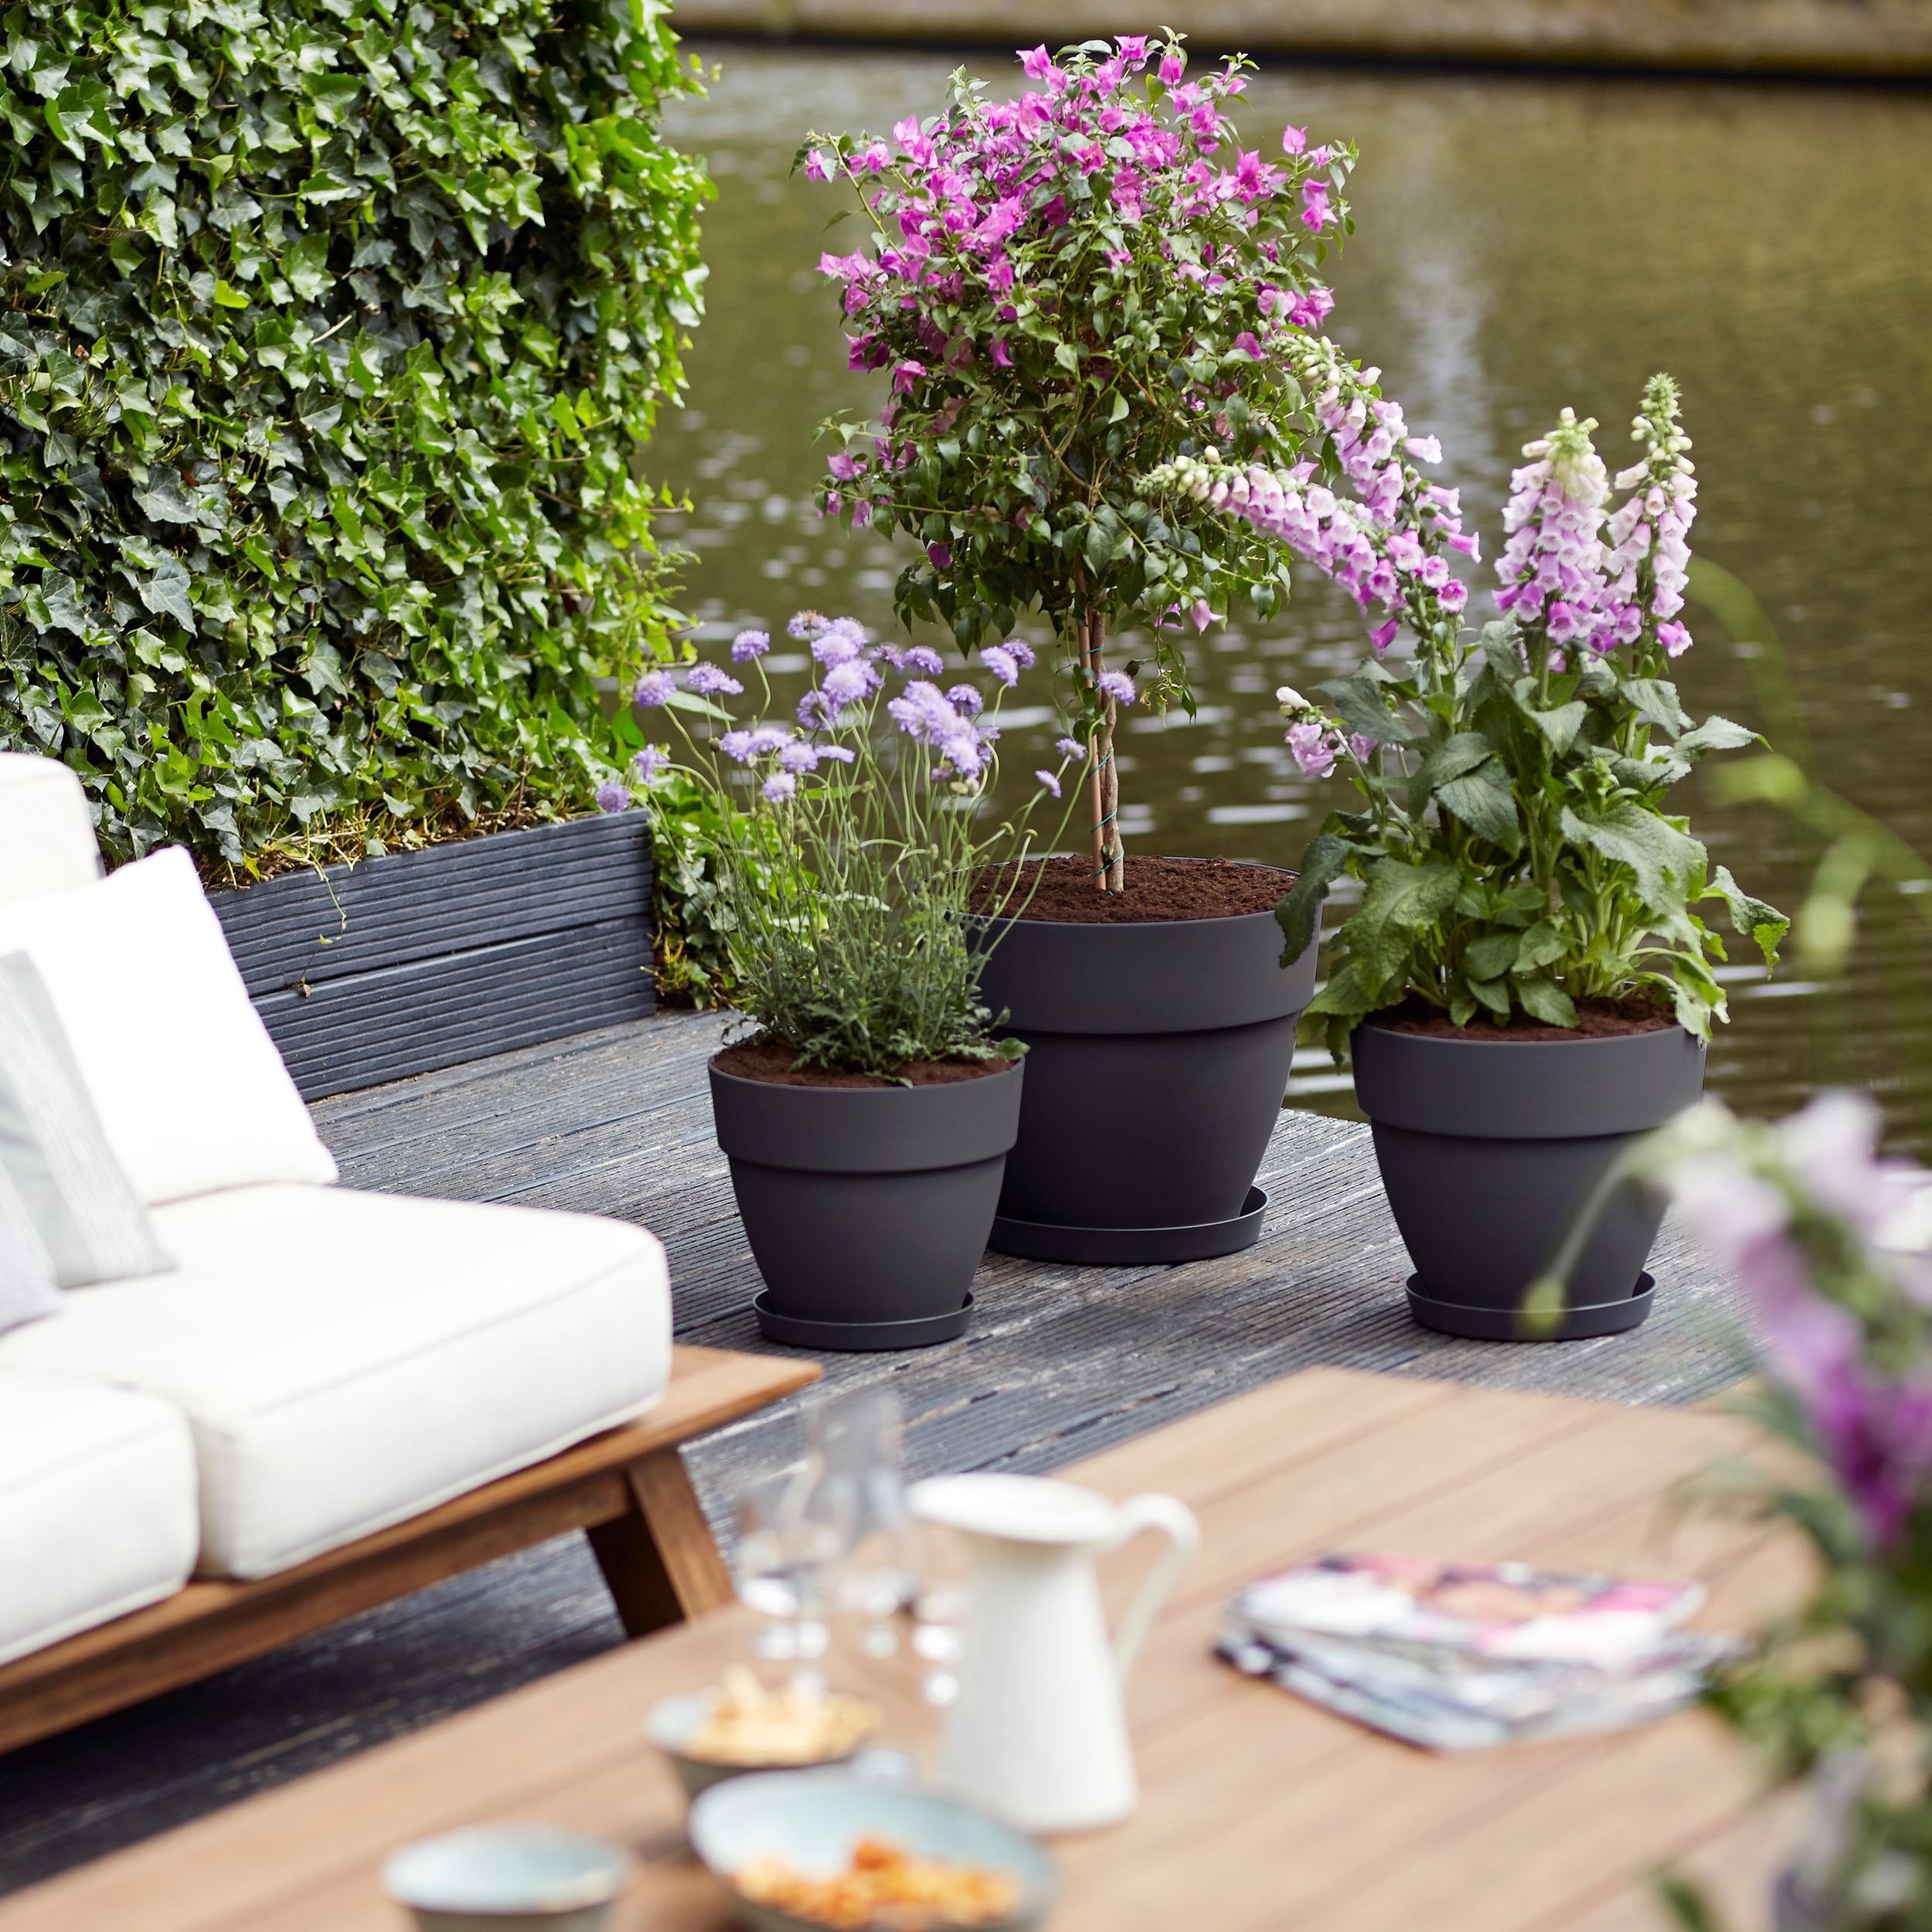 Pflanzzubehor Elho Blumentopf Vibia Campana Rund D30 Cm Durchmesser 30 Cm Garten Terrasse Hsdsonline Com